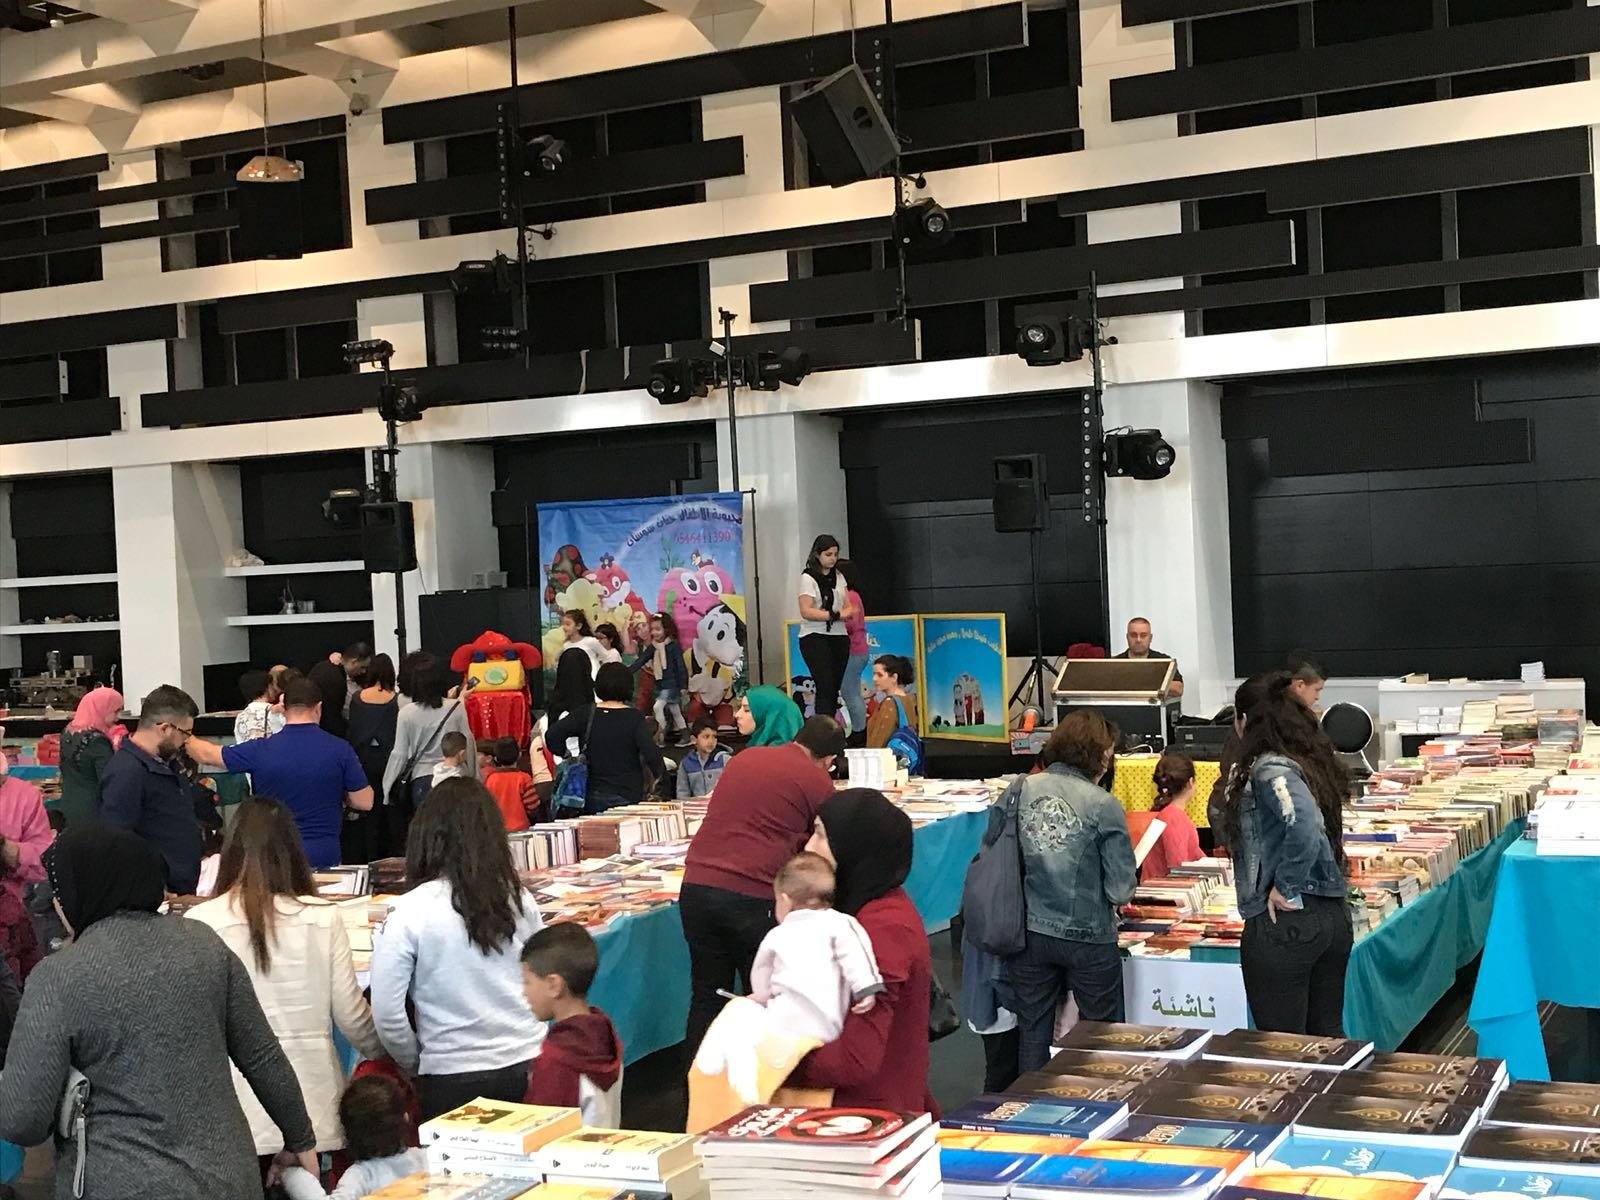 نجاح ضخم لمعرض الكتاب في قاعات الشمشوم والمستمر حتى الخميس 15.2.2018